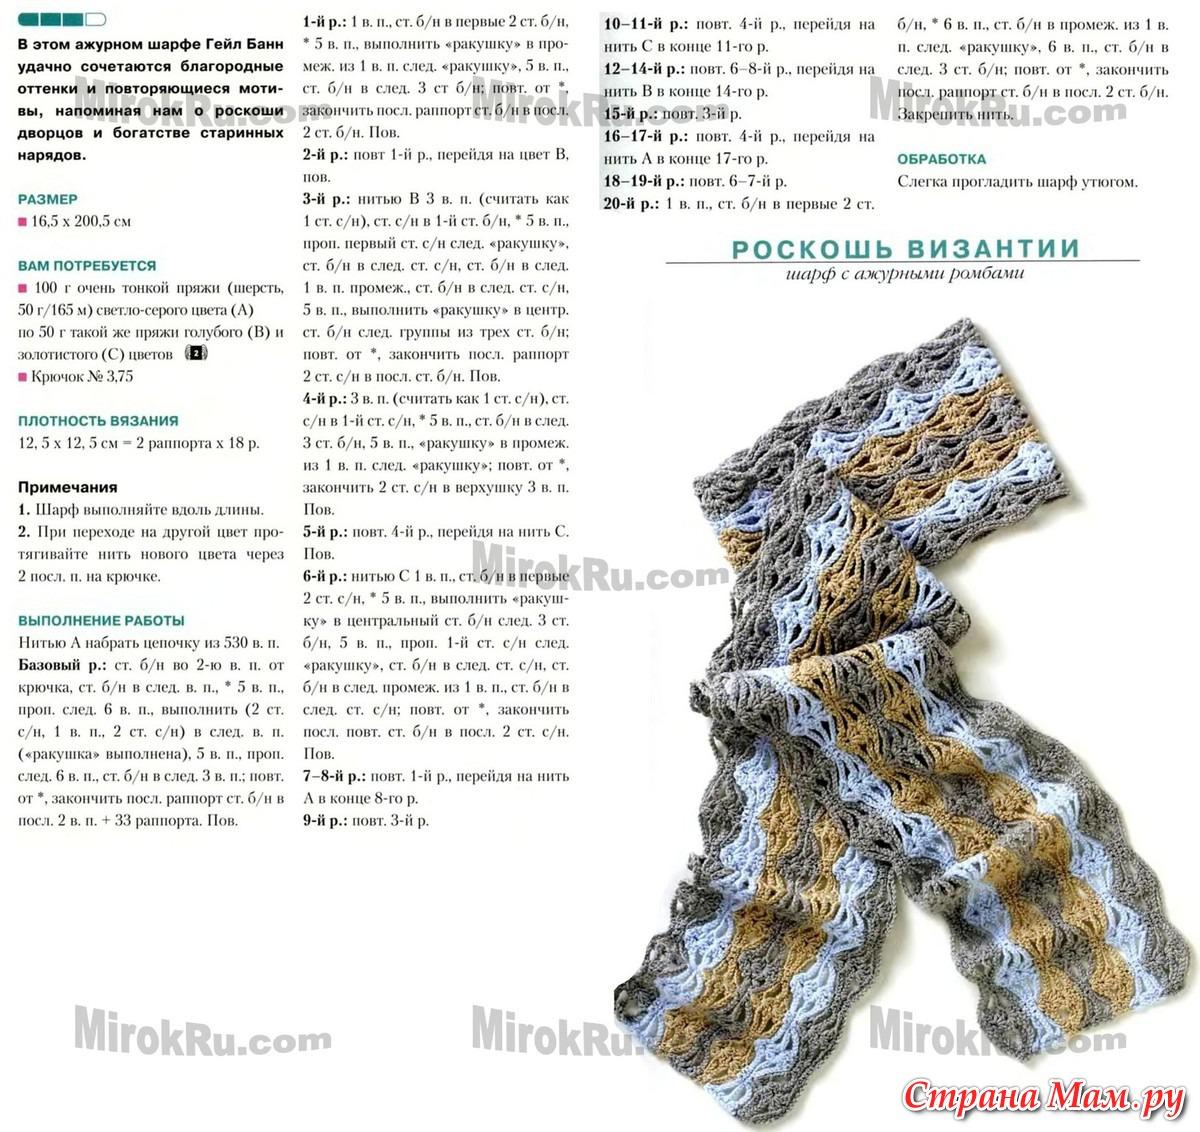 мужской шарф крючком схема с описанием фото лицами человеческими, резиновые